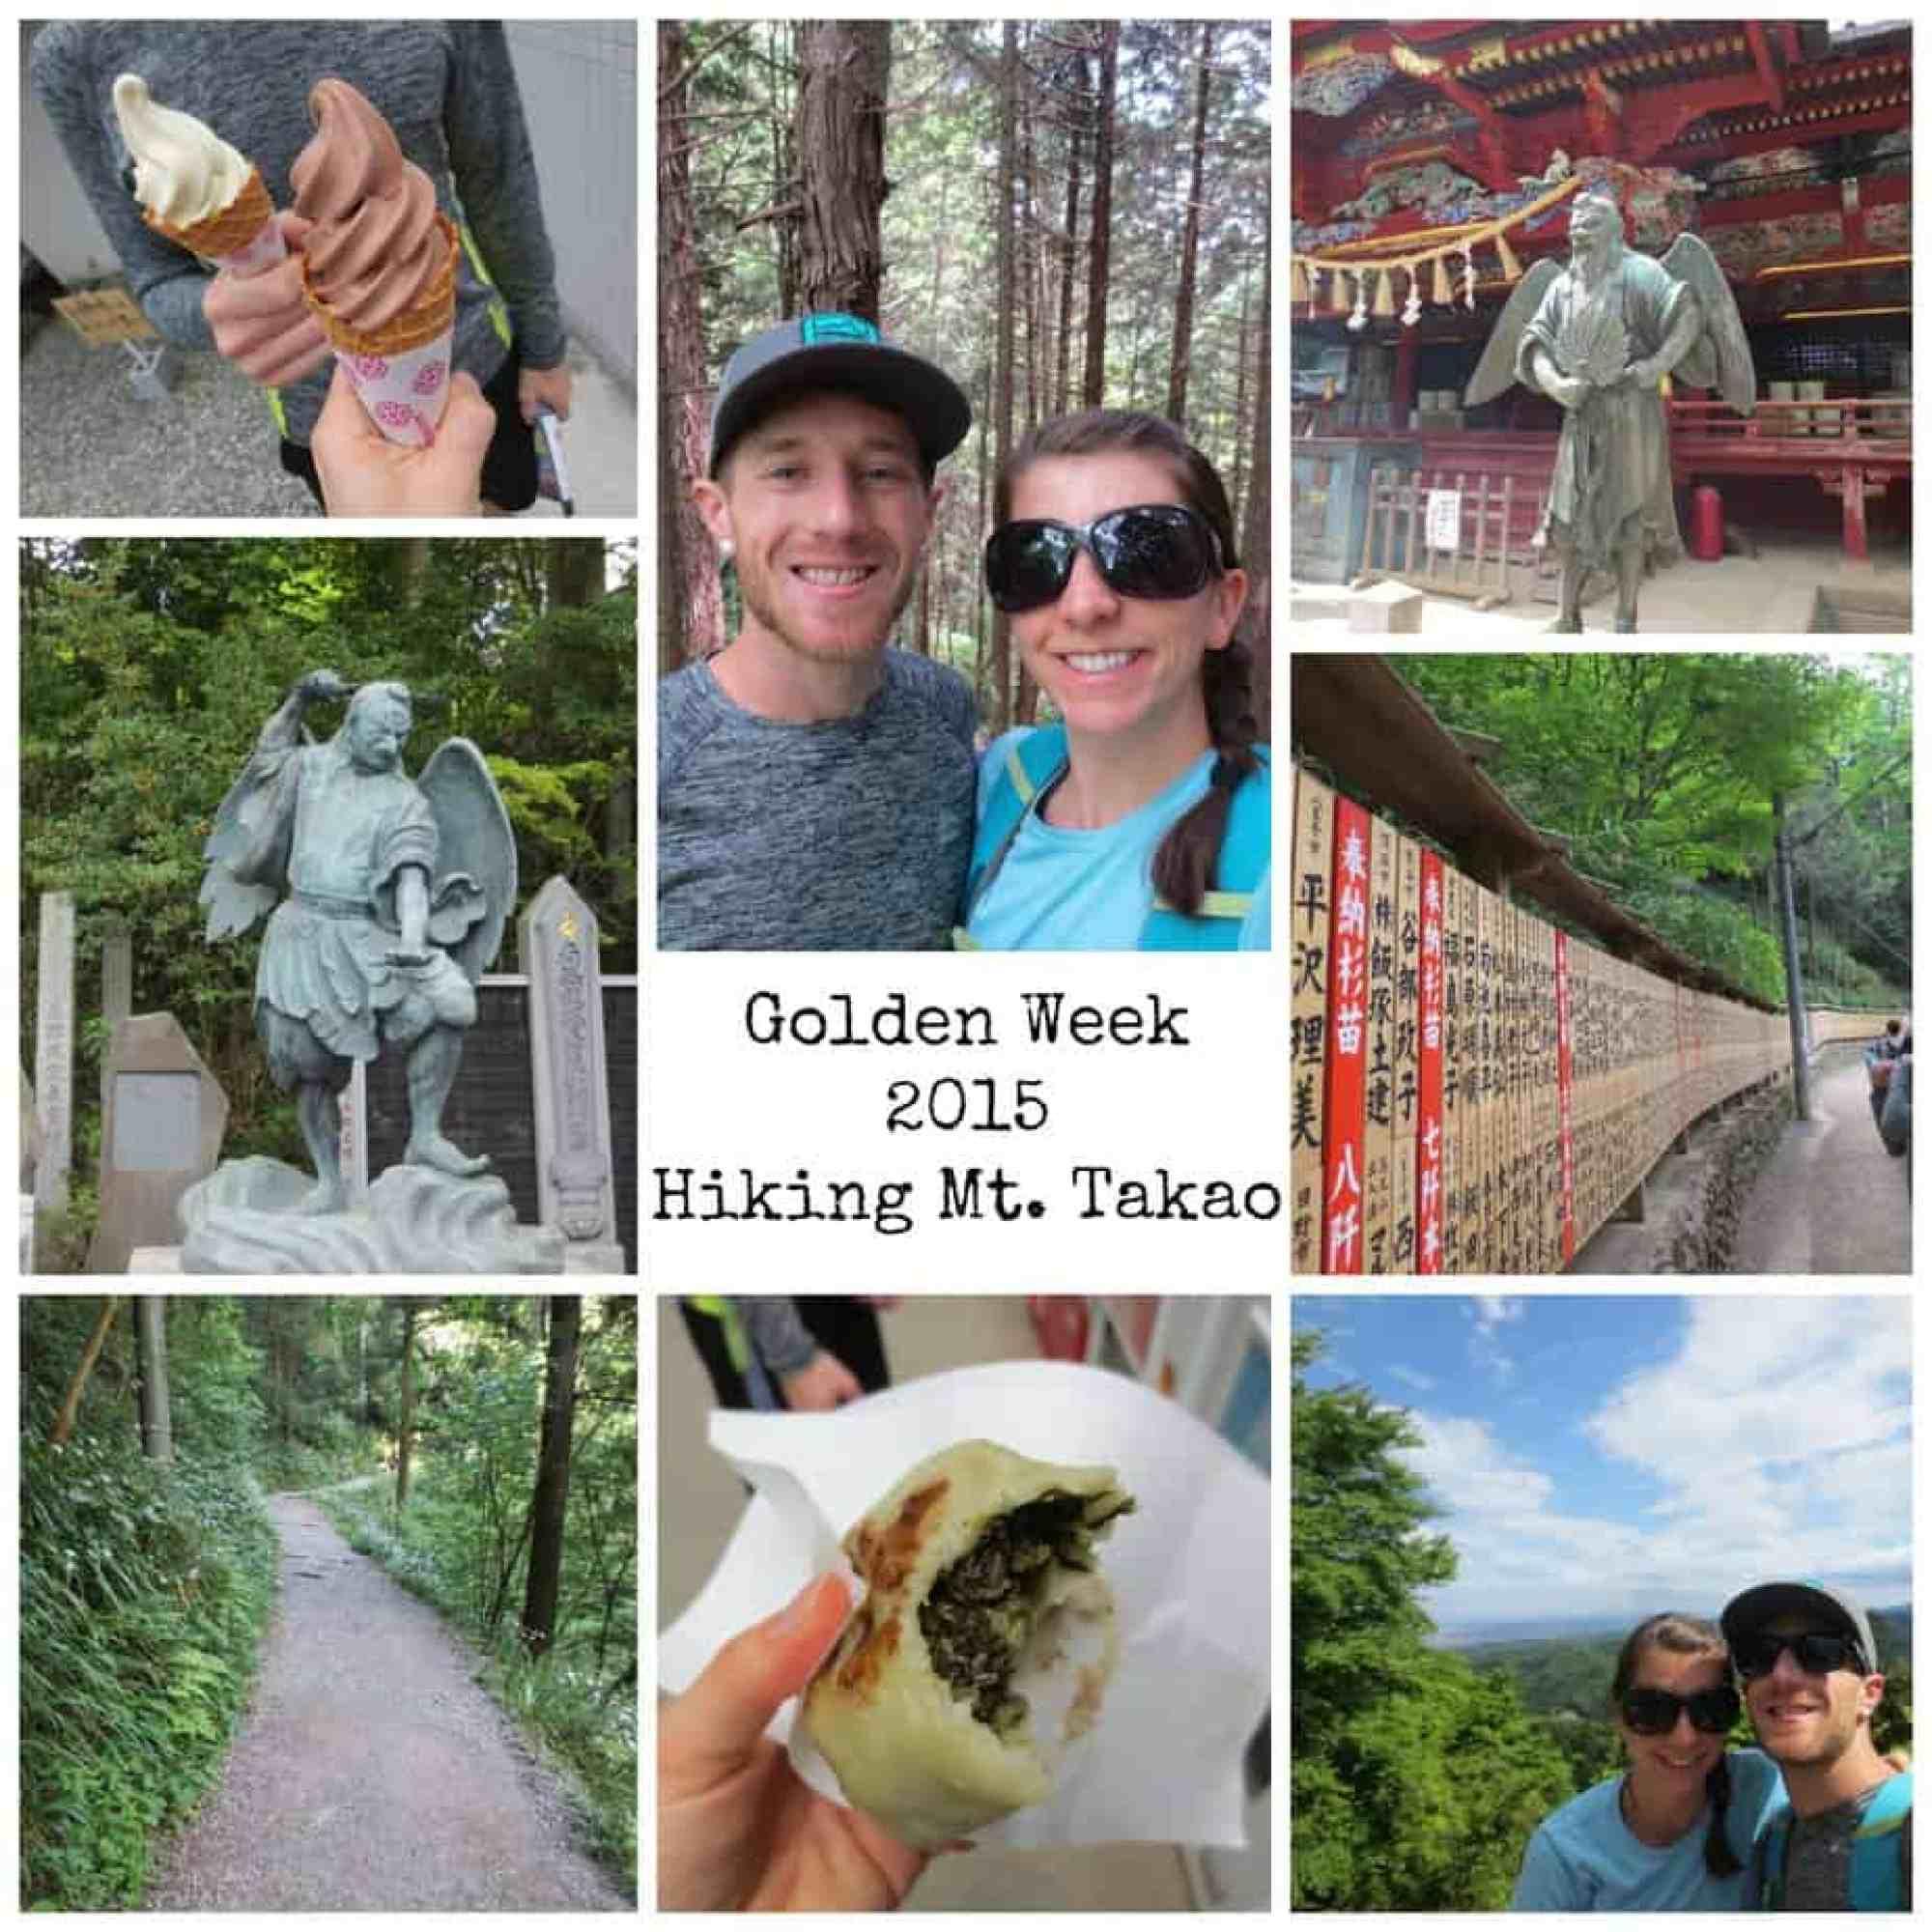 Golden Week Mt. Takao